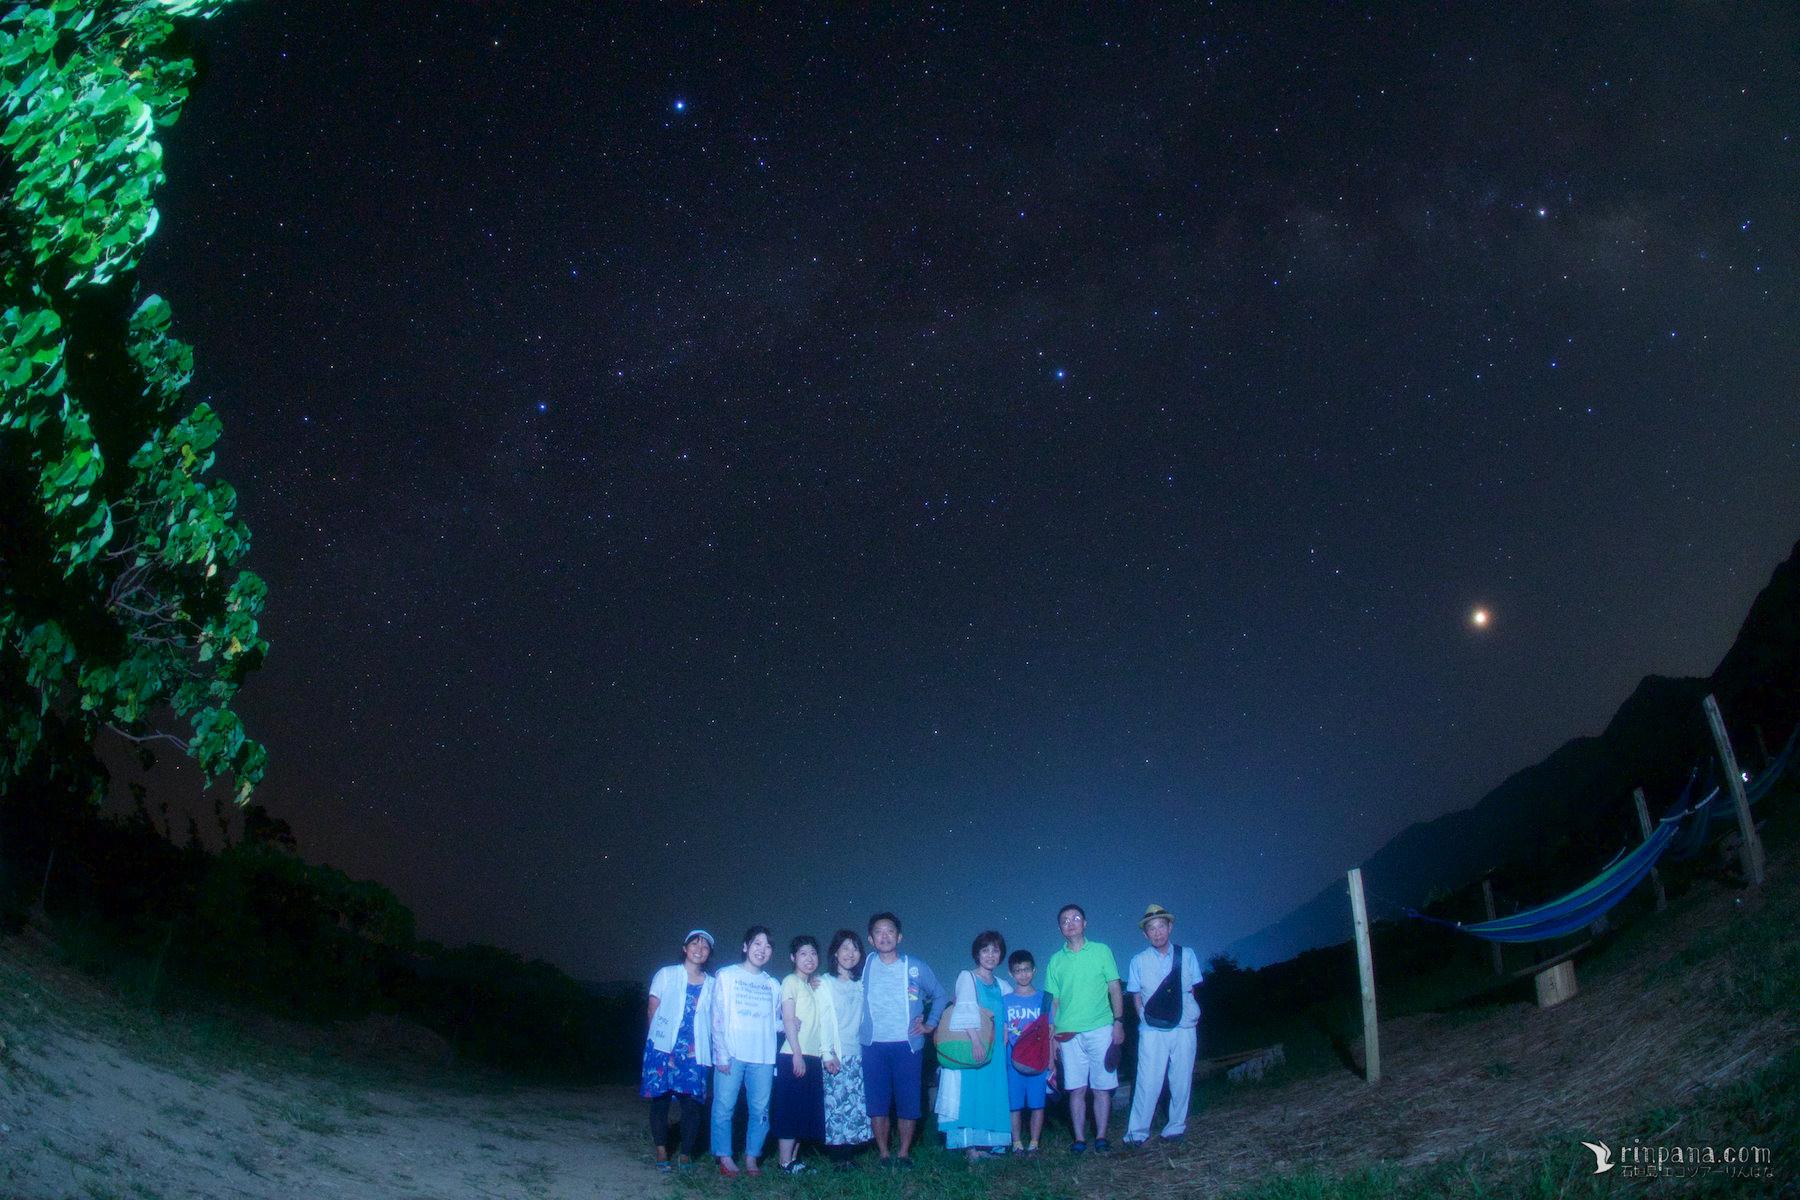 「子どもの頃を思い出す・・・」ご家族でゆっくり過ごした、星空ツアー